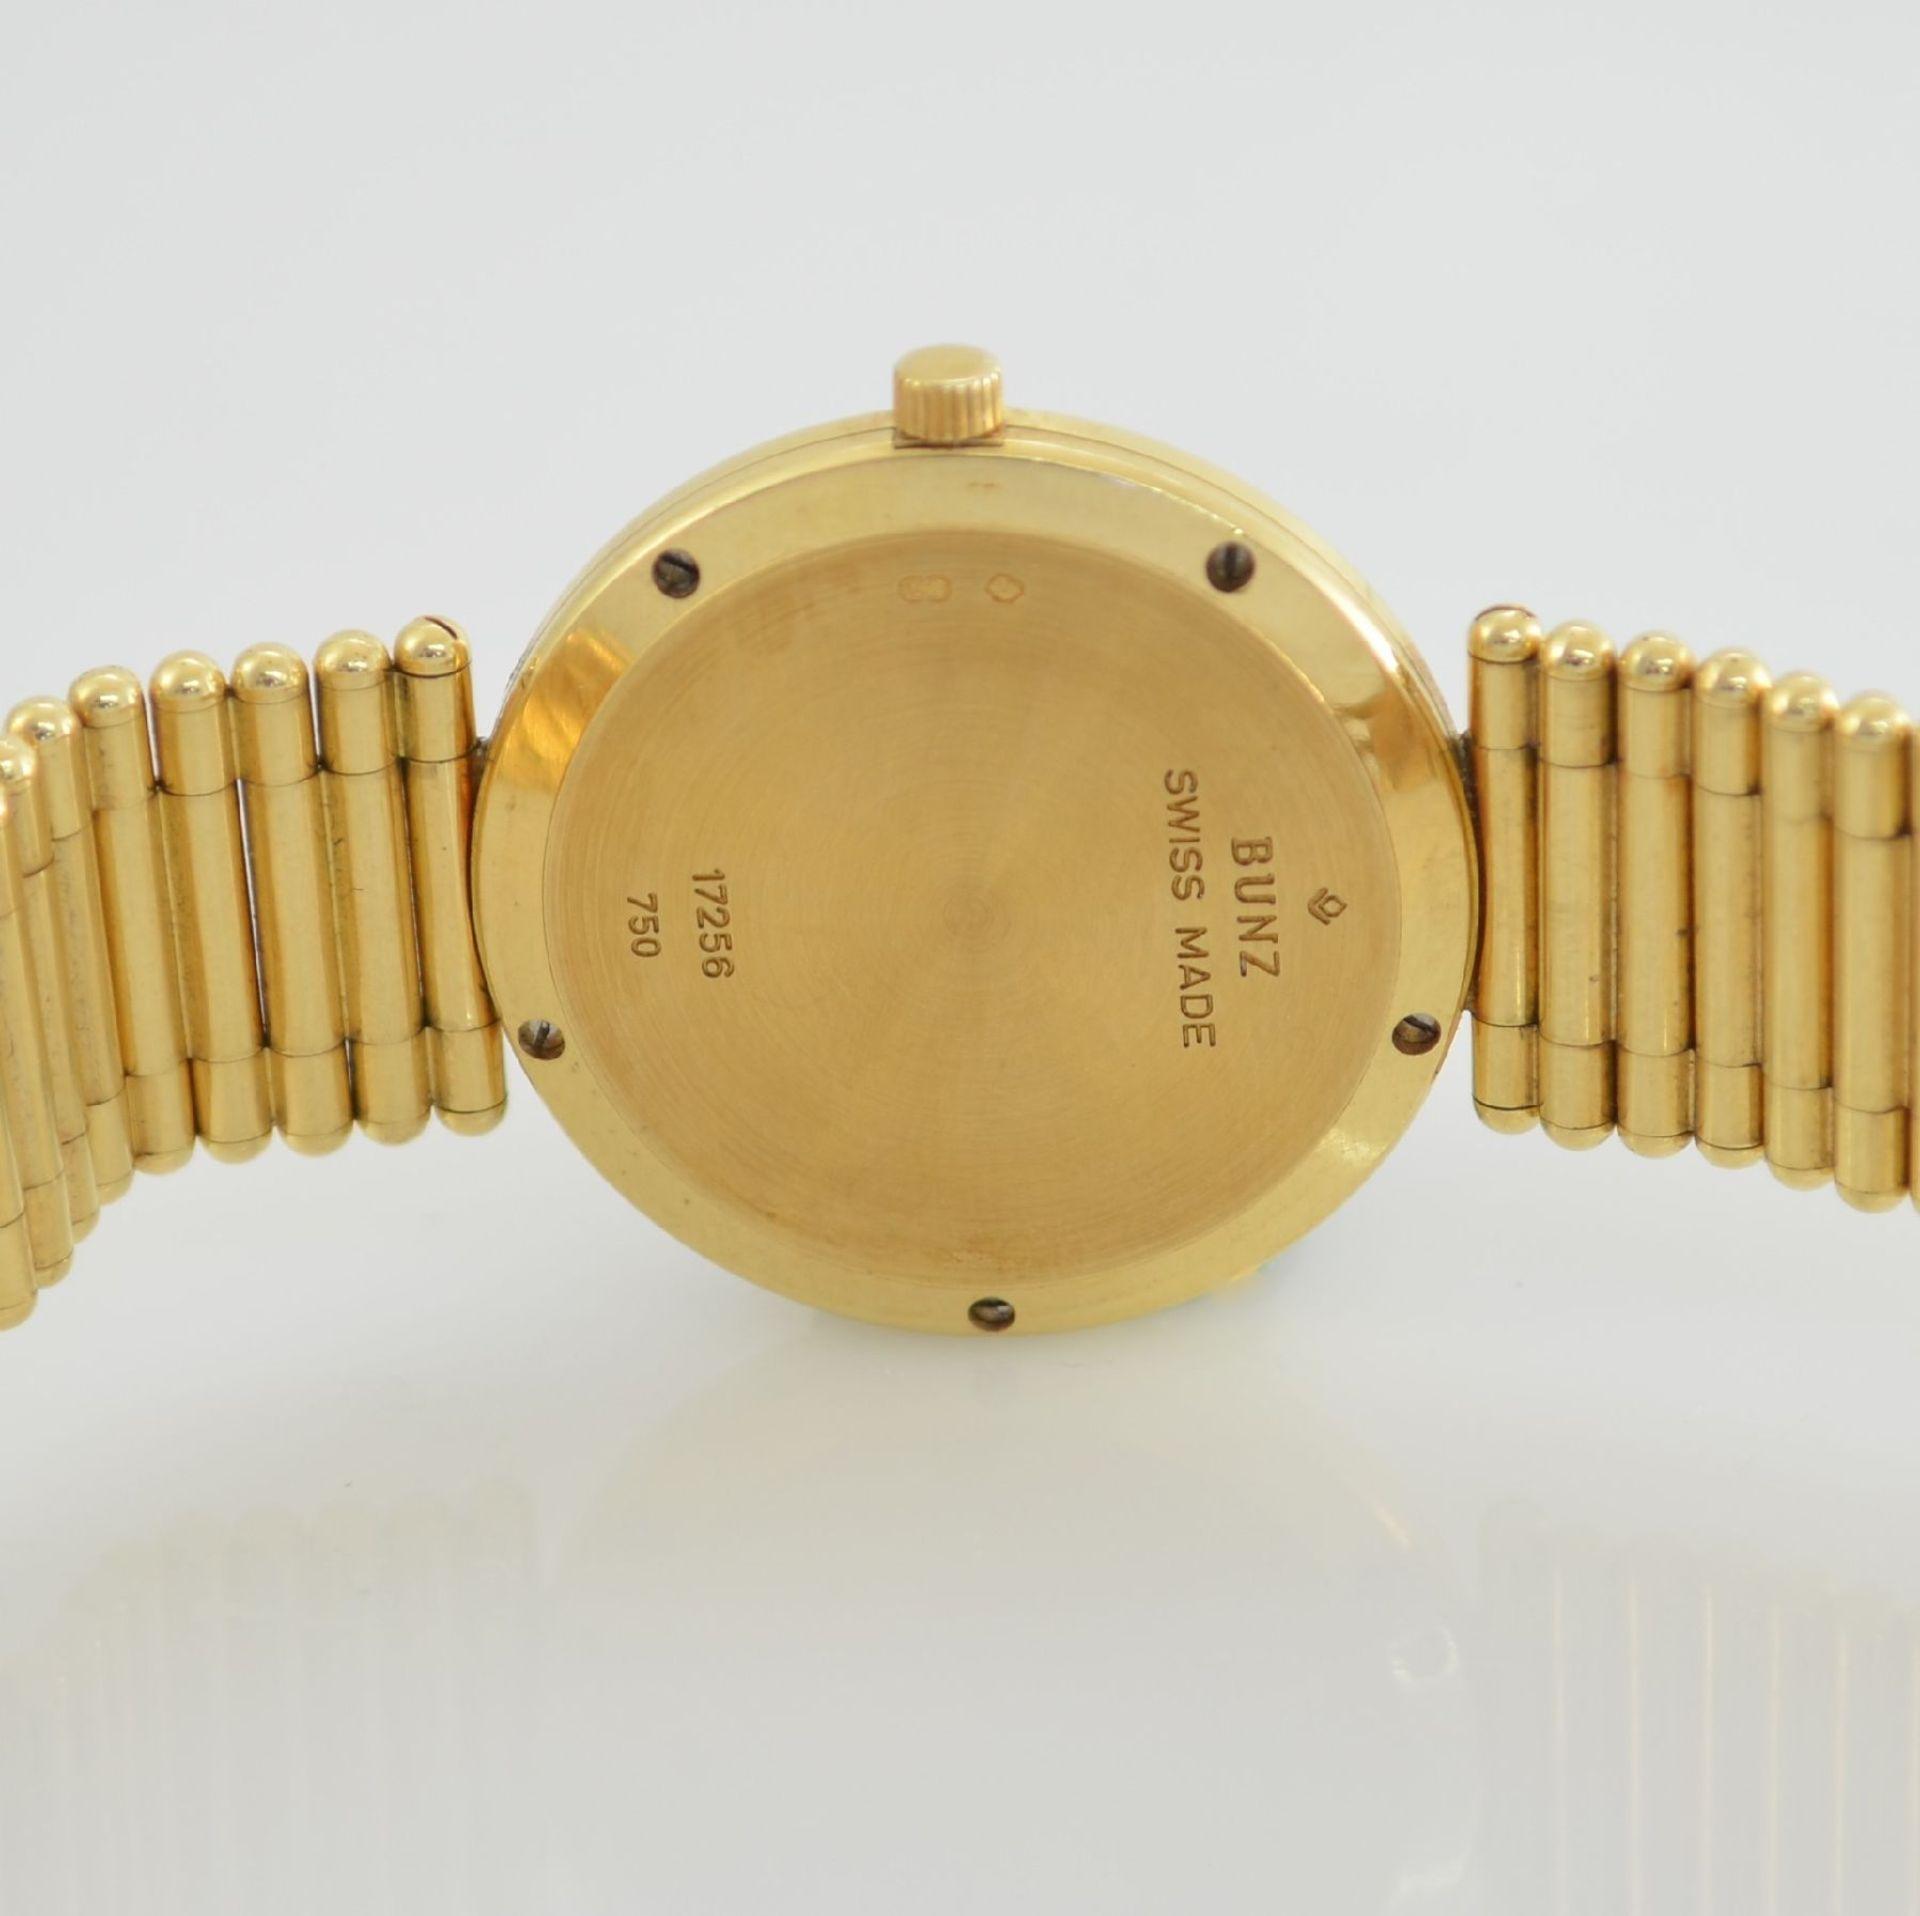 """BUNZ Damenarmbanduhr """"Diamondwatch"""" in GG 750/000, 5-fach verschr. Geh. mit integr. GG 750/000 - Bild 8 aus 9"""